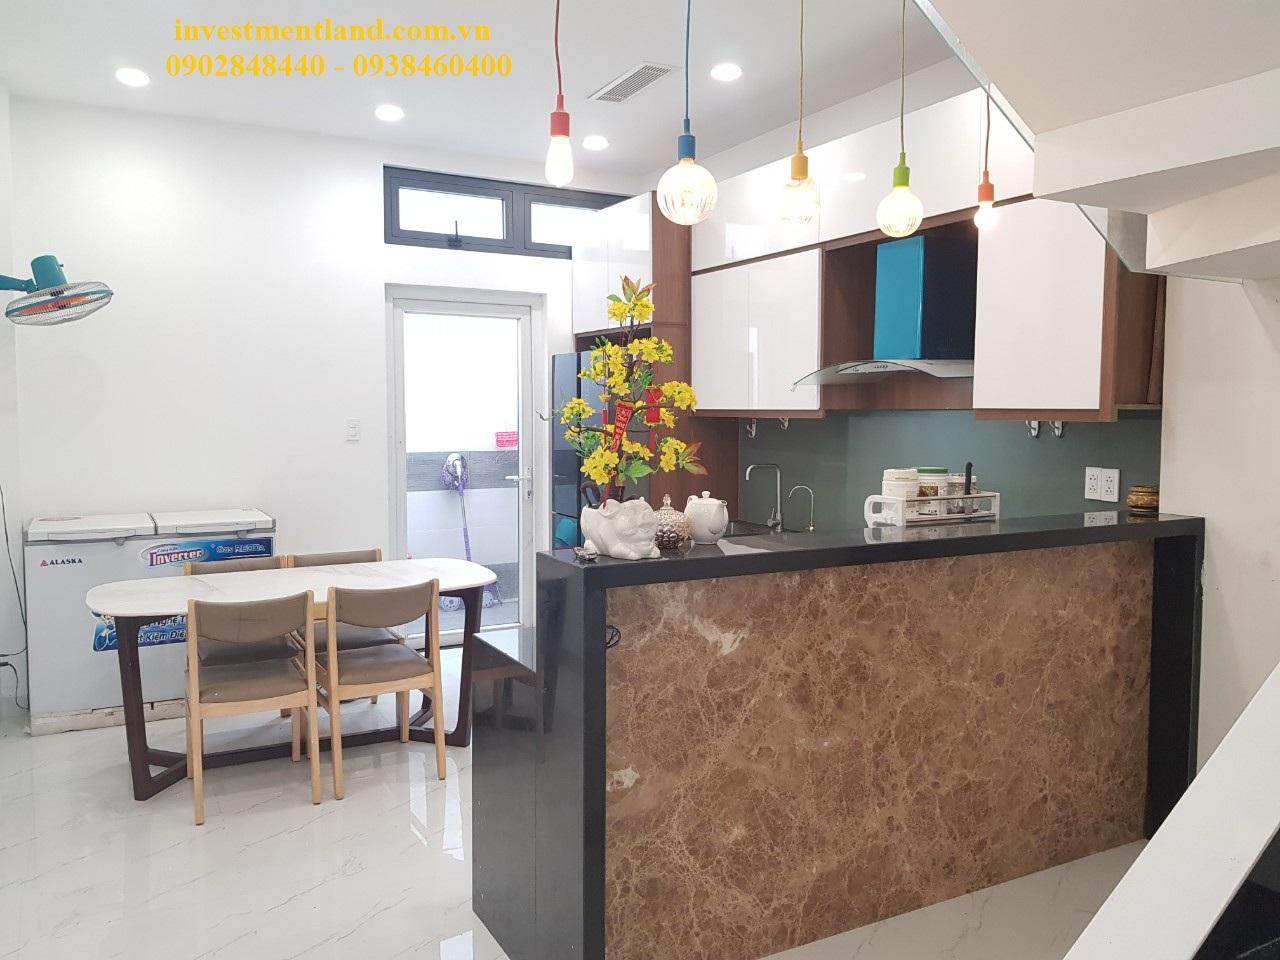 Không gian bếp nhà đường Gò Cát